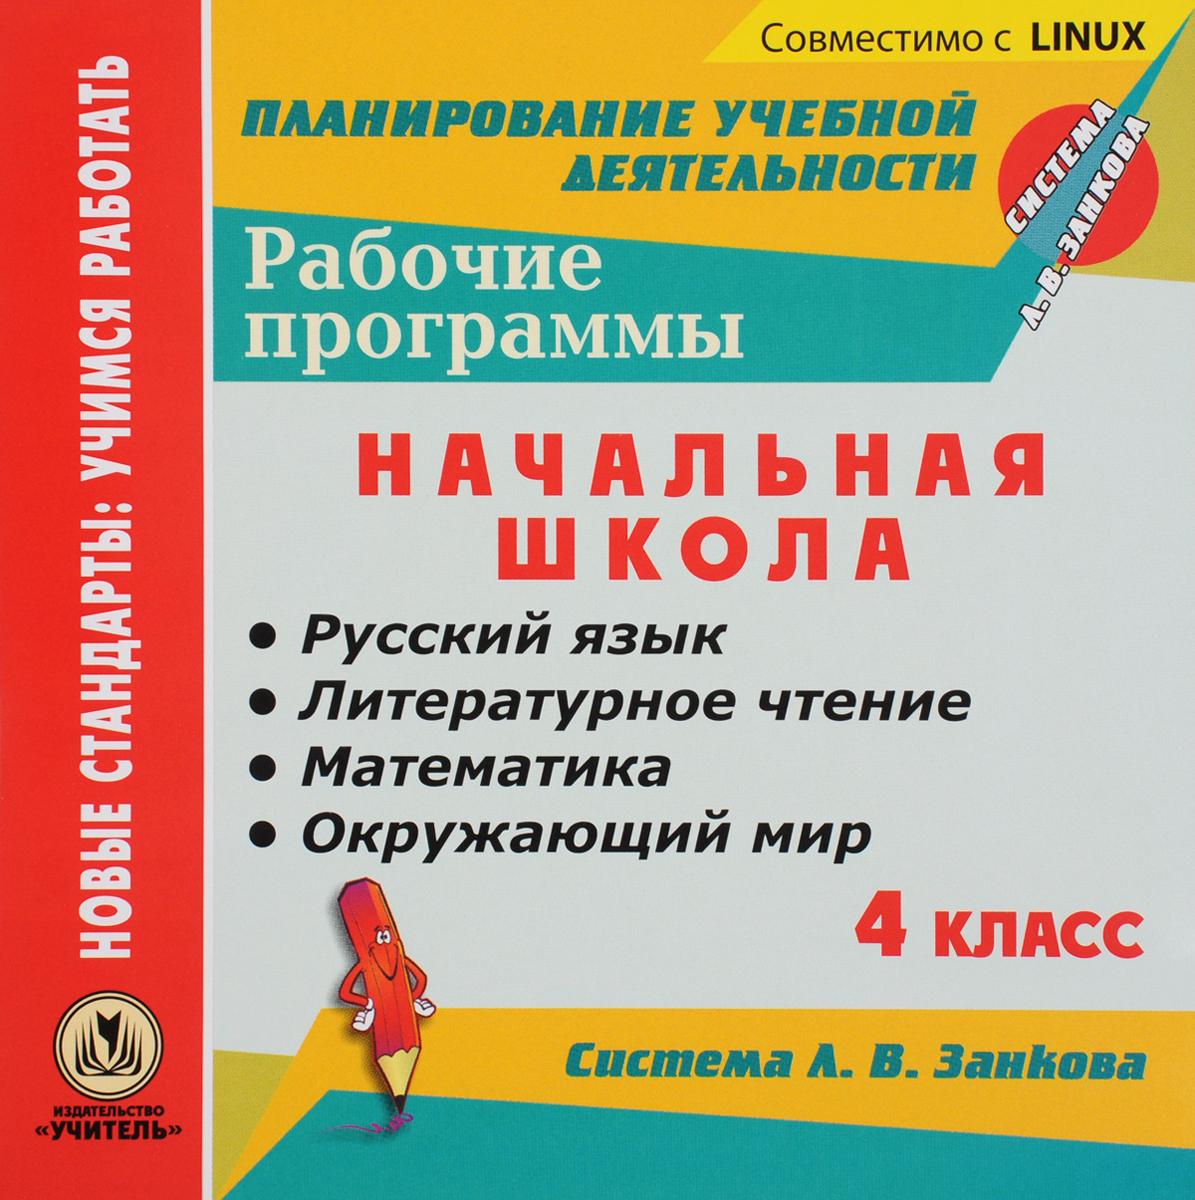 Рабочие программы. Система Л. В. Занкова. 4 класс. Русский язык. Литературное чтение. Математика. Окружающий мир